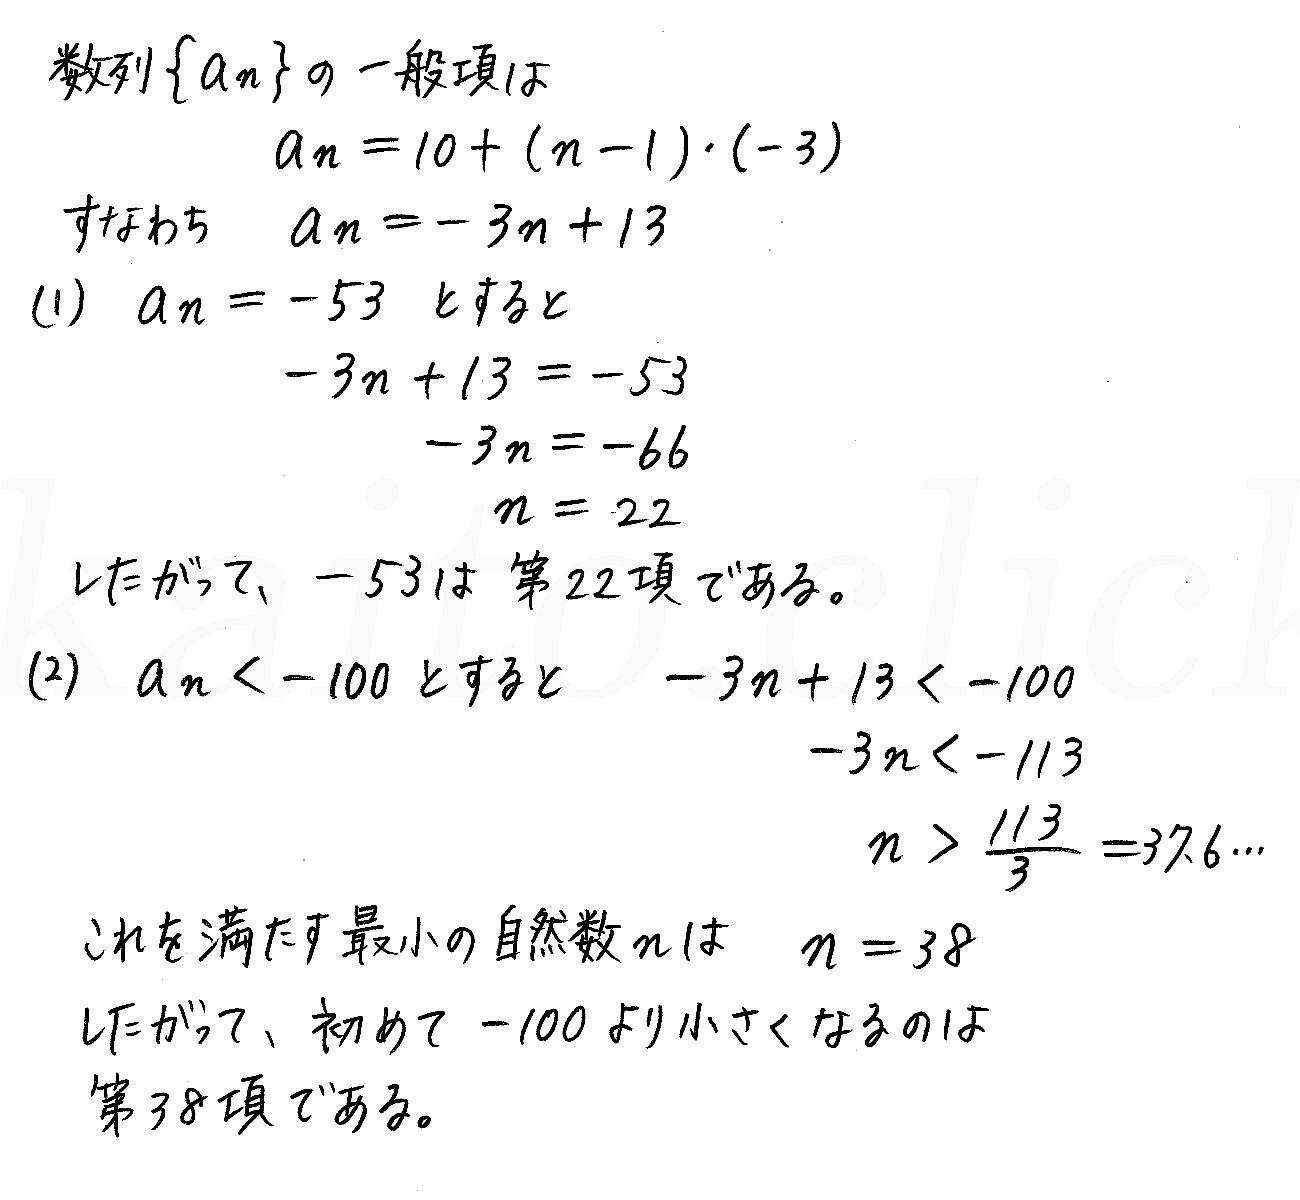 クリアー数学B-159解答